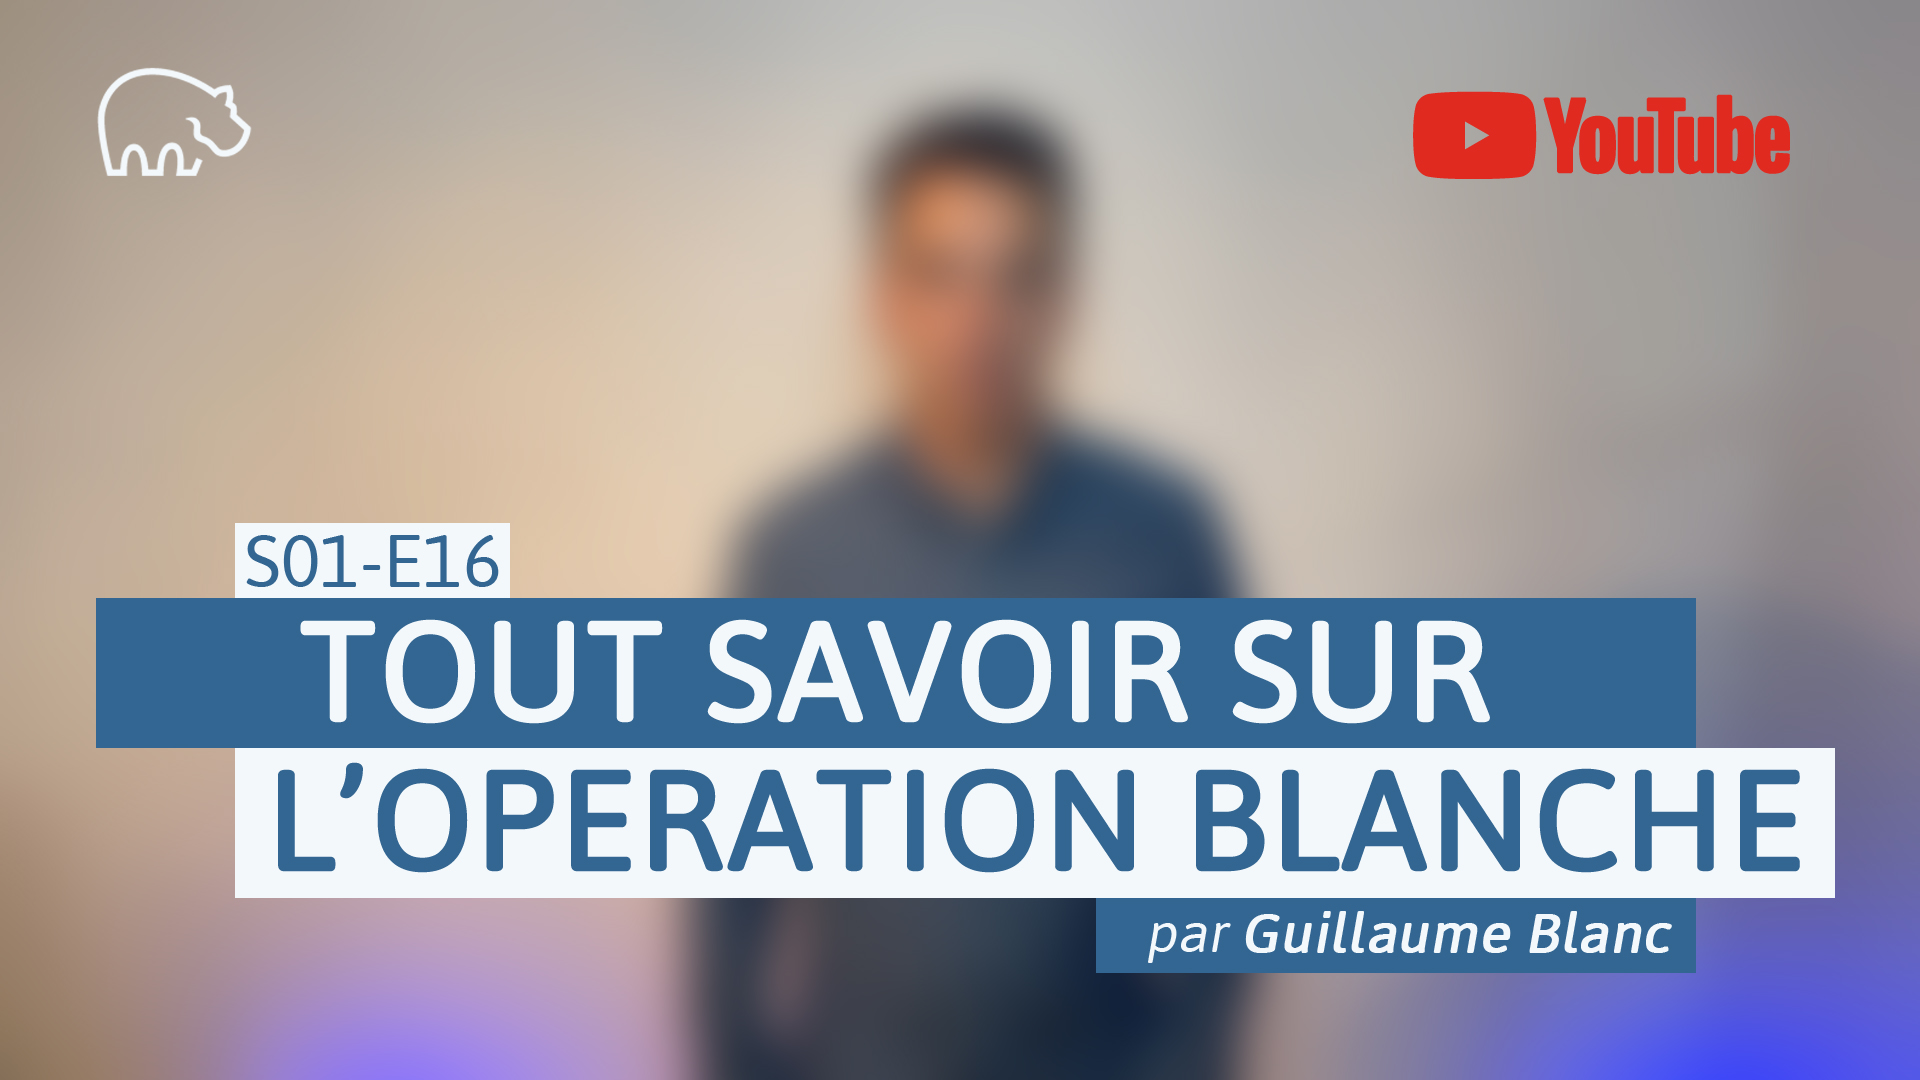 Bannière illustration - ImmoPotamTV - YouTube - Guillaume Blanc - S01-E16 - Tout savoir sur l'opération blanche